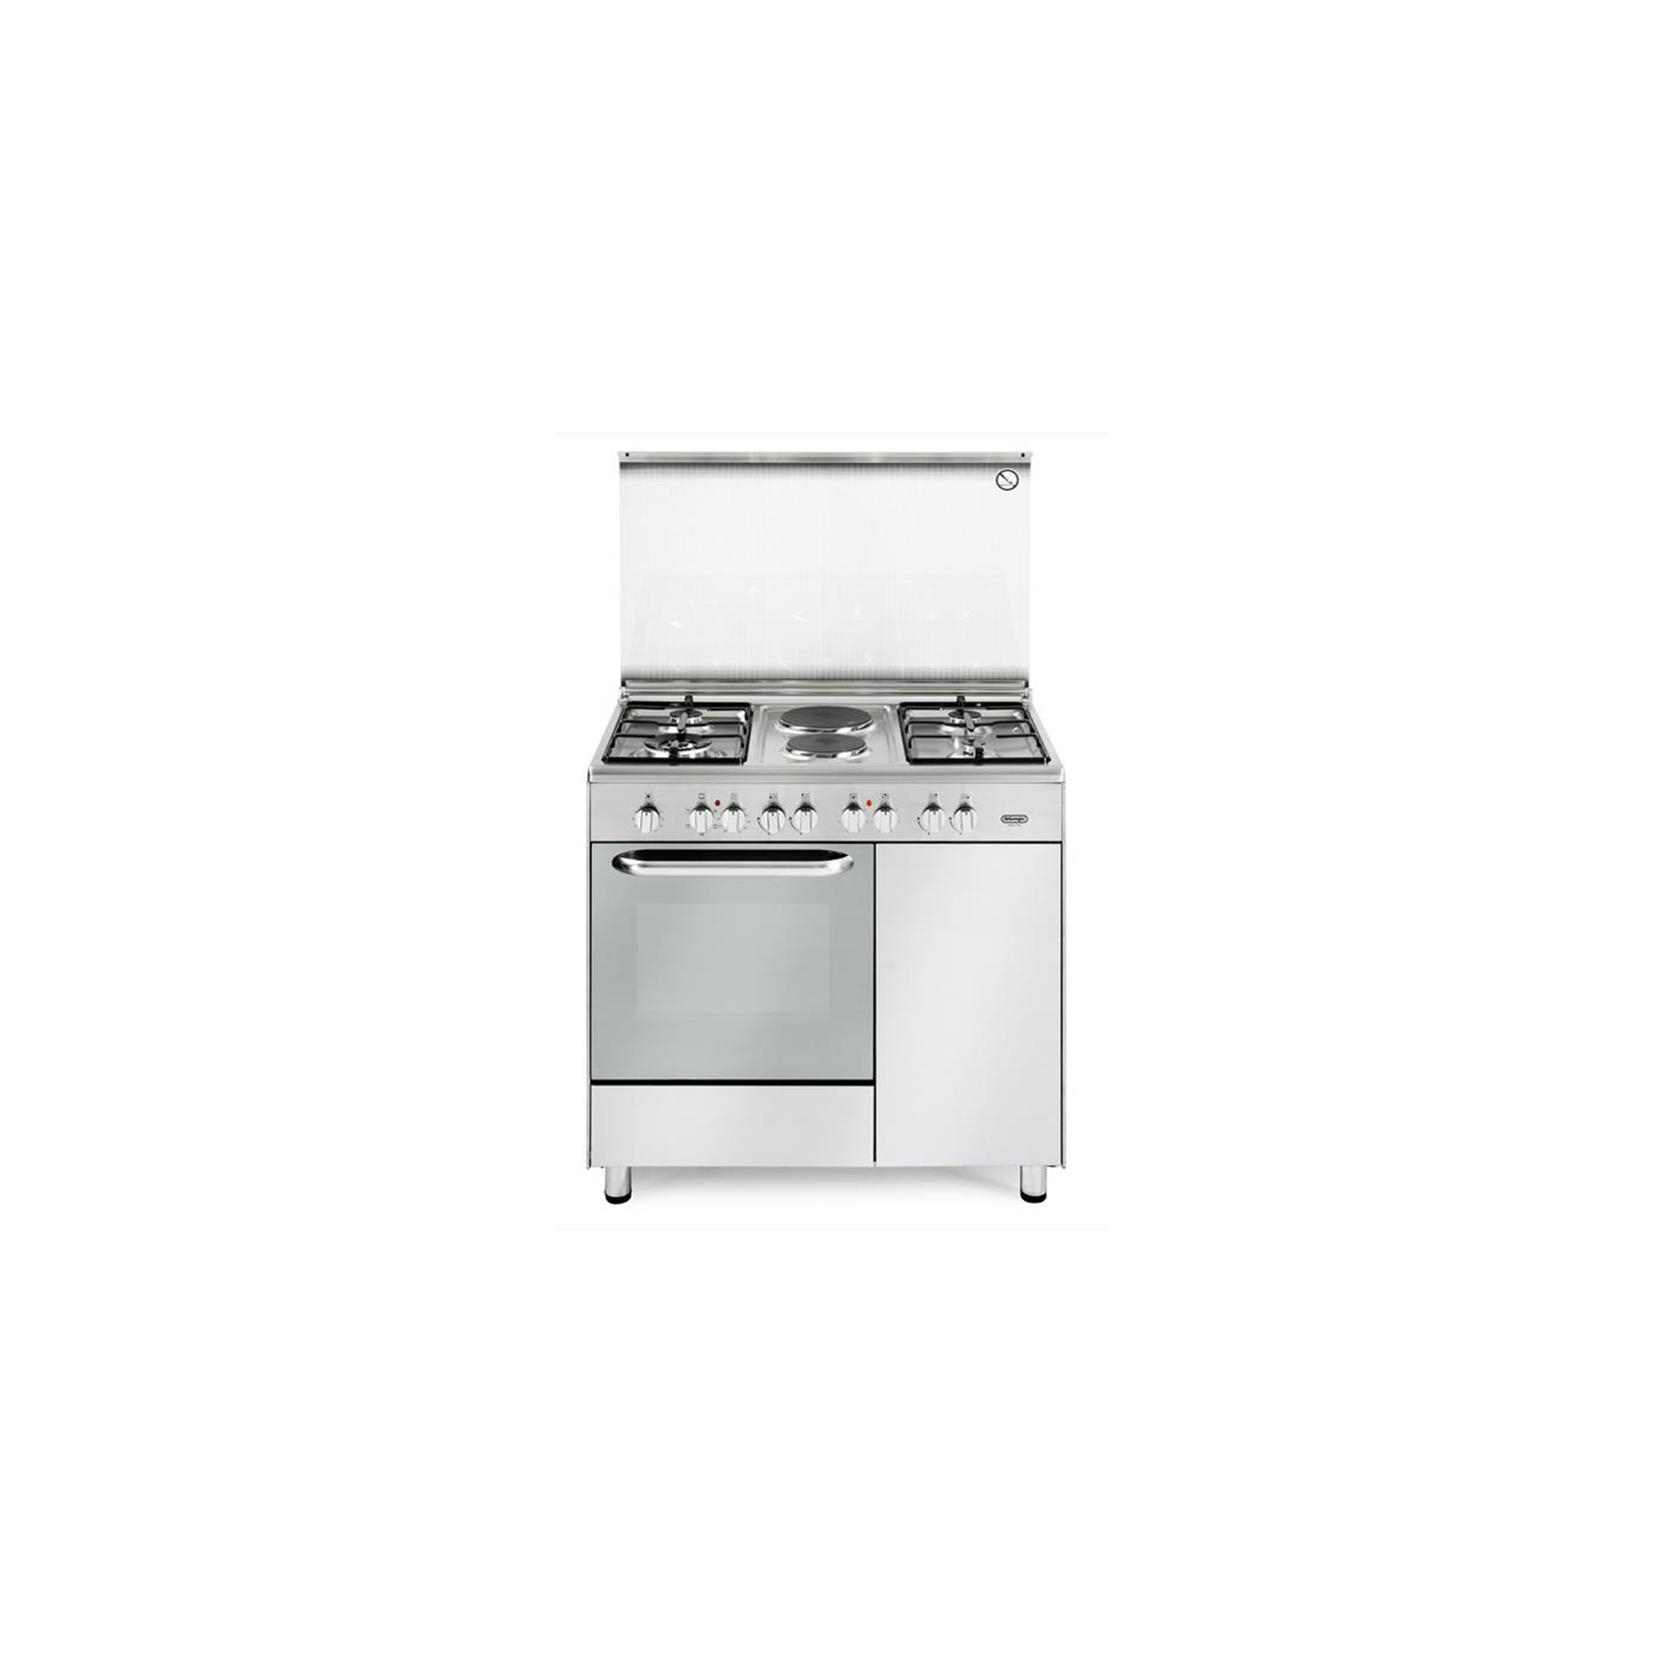 Cucina de longhi demx9642b 90x60 4 fuochi 2 piastre - Cucine con piastre elettriche ...